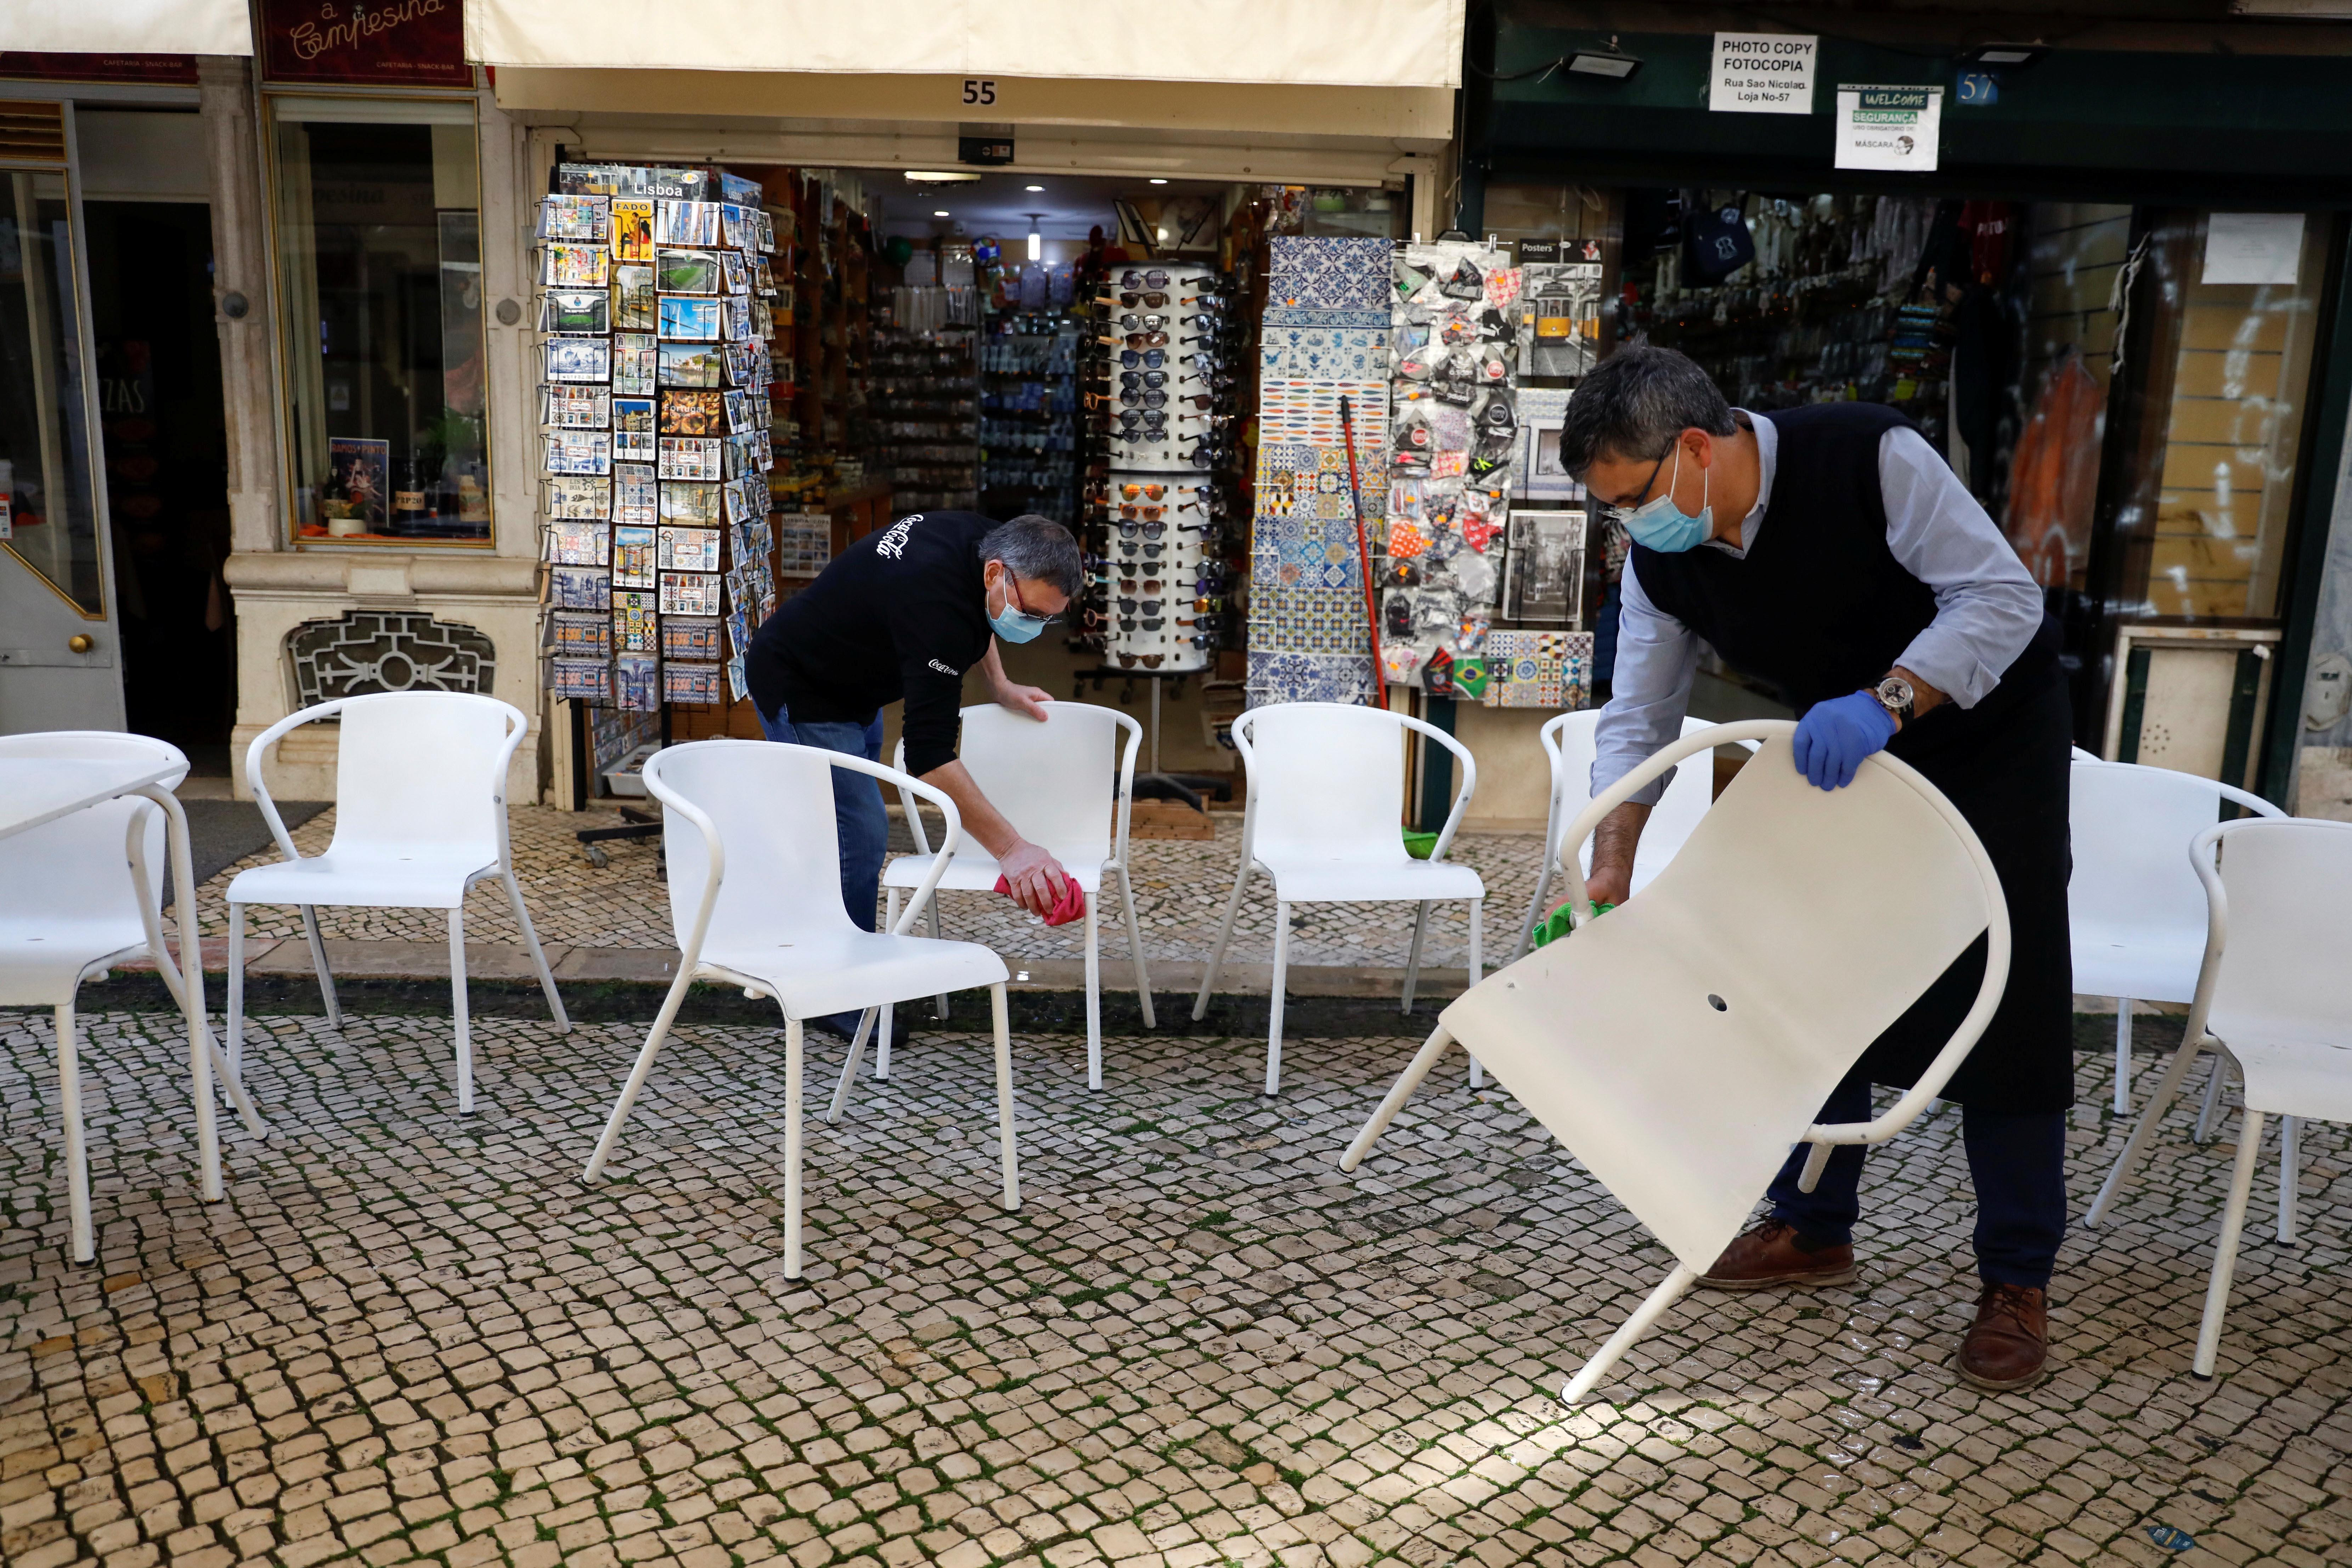 Reabertura em Portugal